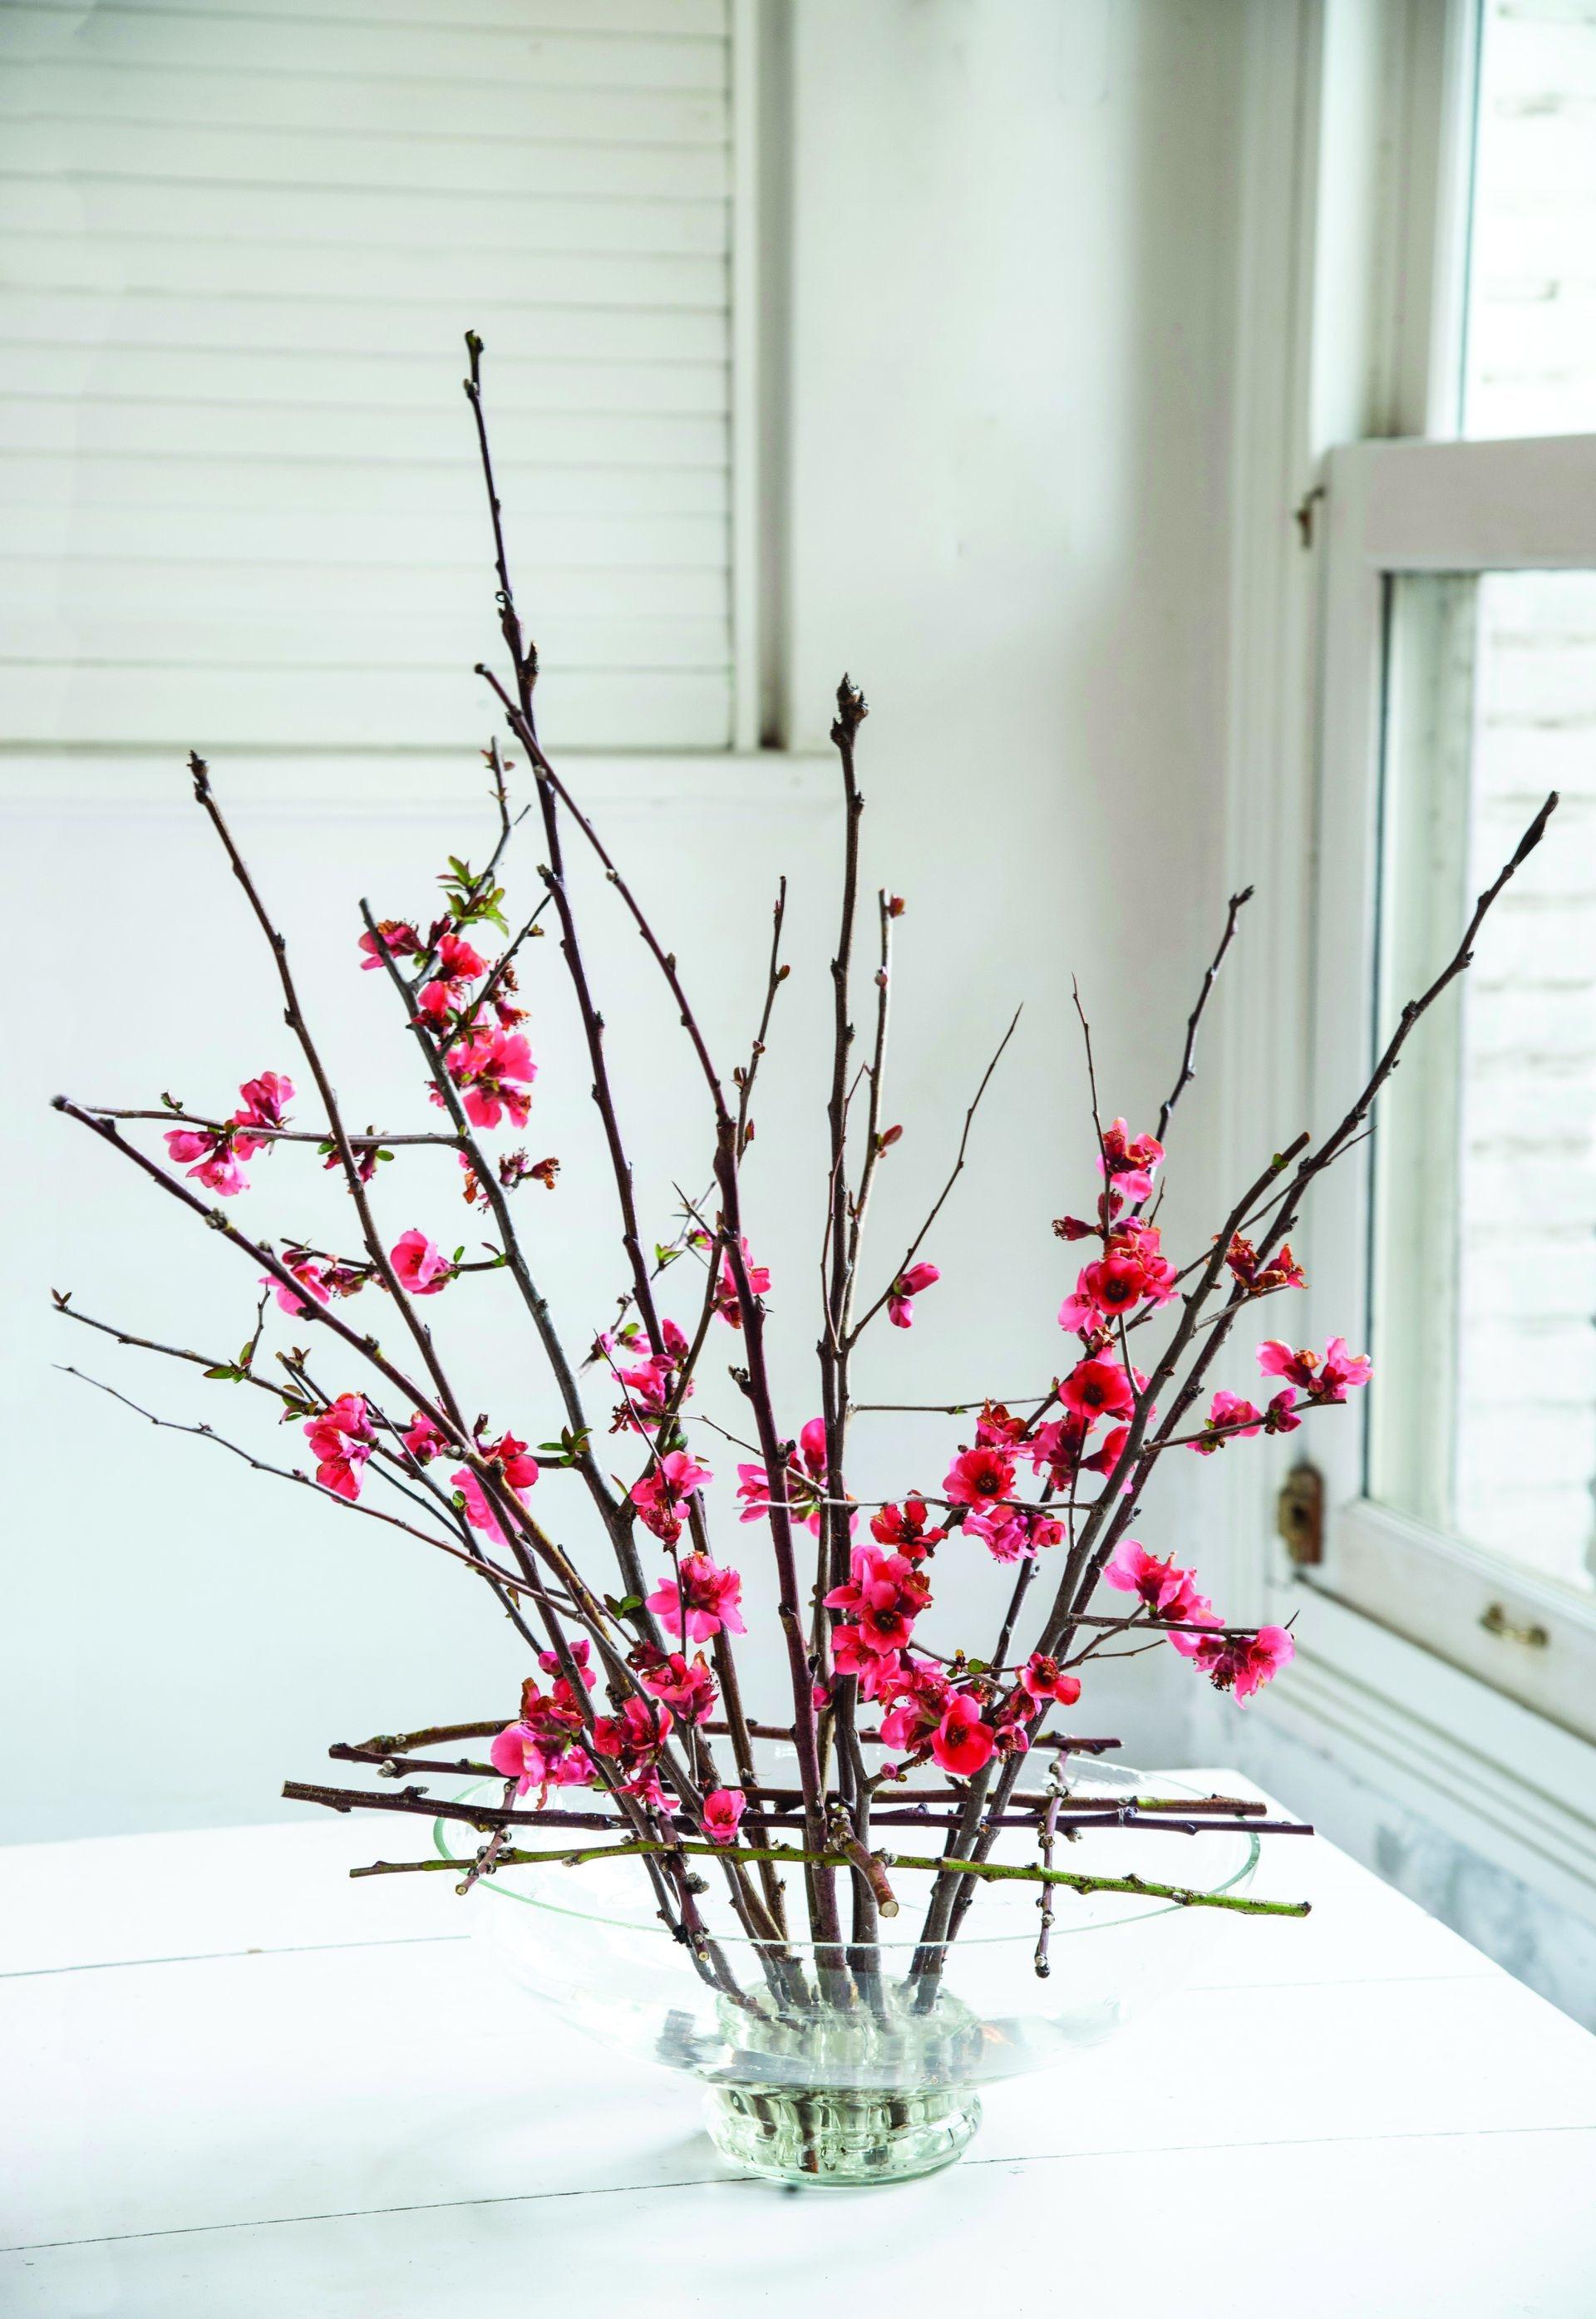 El entramado se puede conservar y cambiar sus flores según la estación. Para realizar grillas pueden usarse también cañas finas. En ese caso, en vez de entrelazarse se superponen y se atan las uniones con alambre forrado.